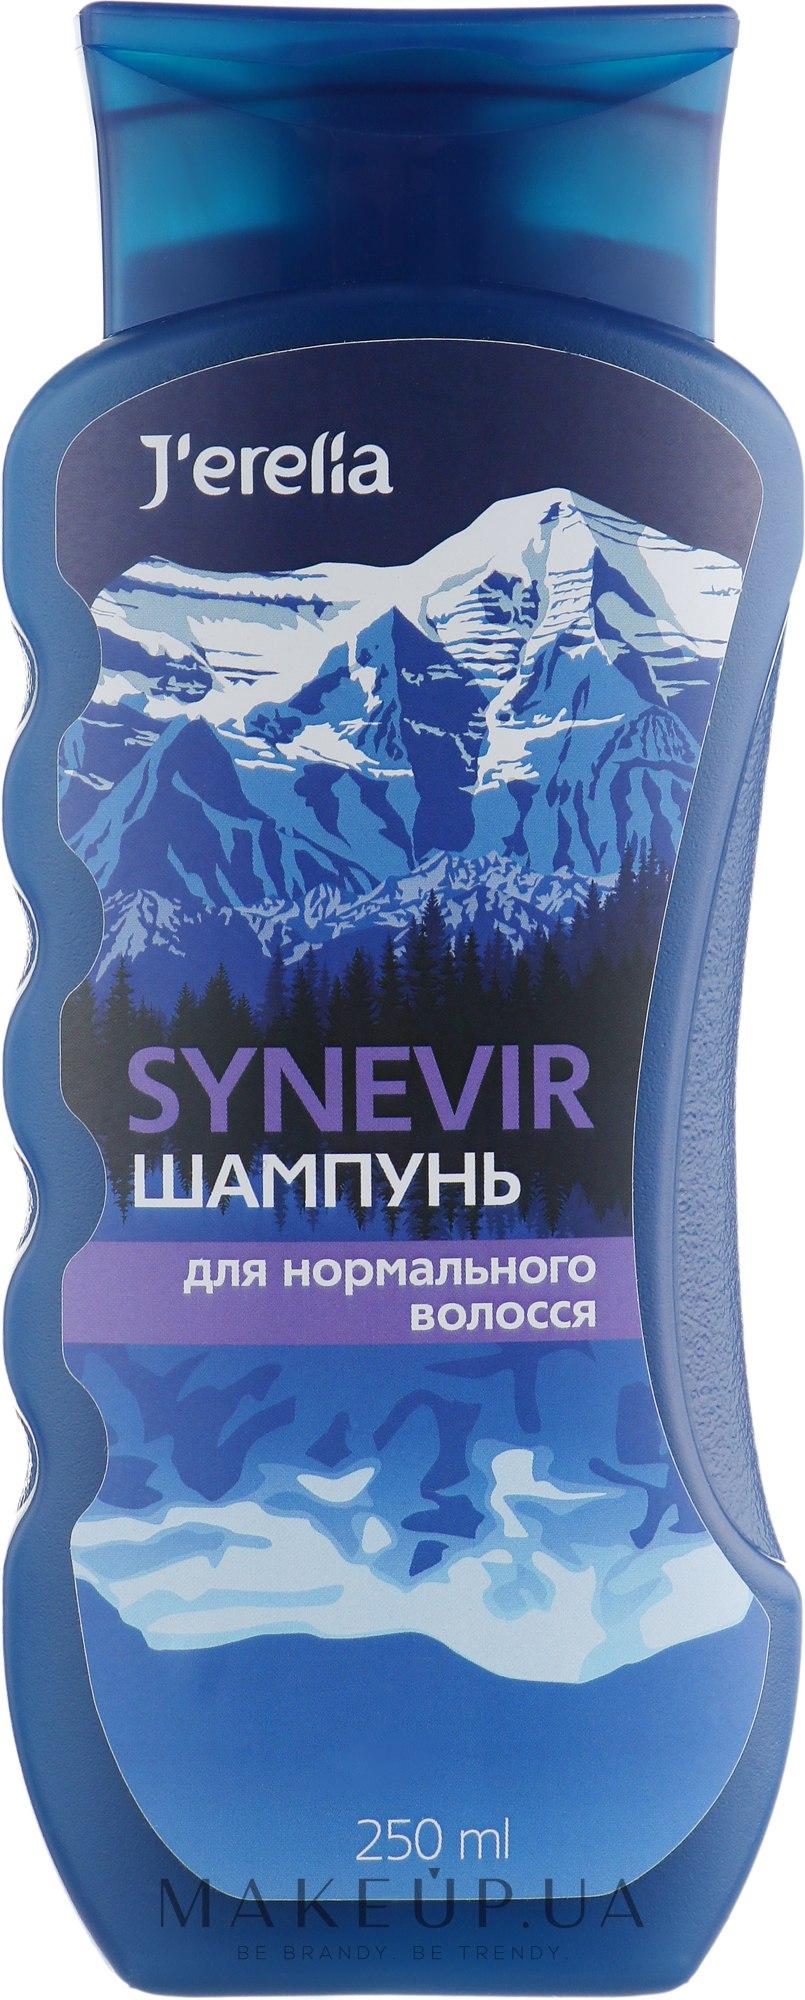 Шампунь для нормальных волос - J'erelia Synevir — фото 250ml